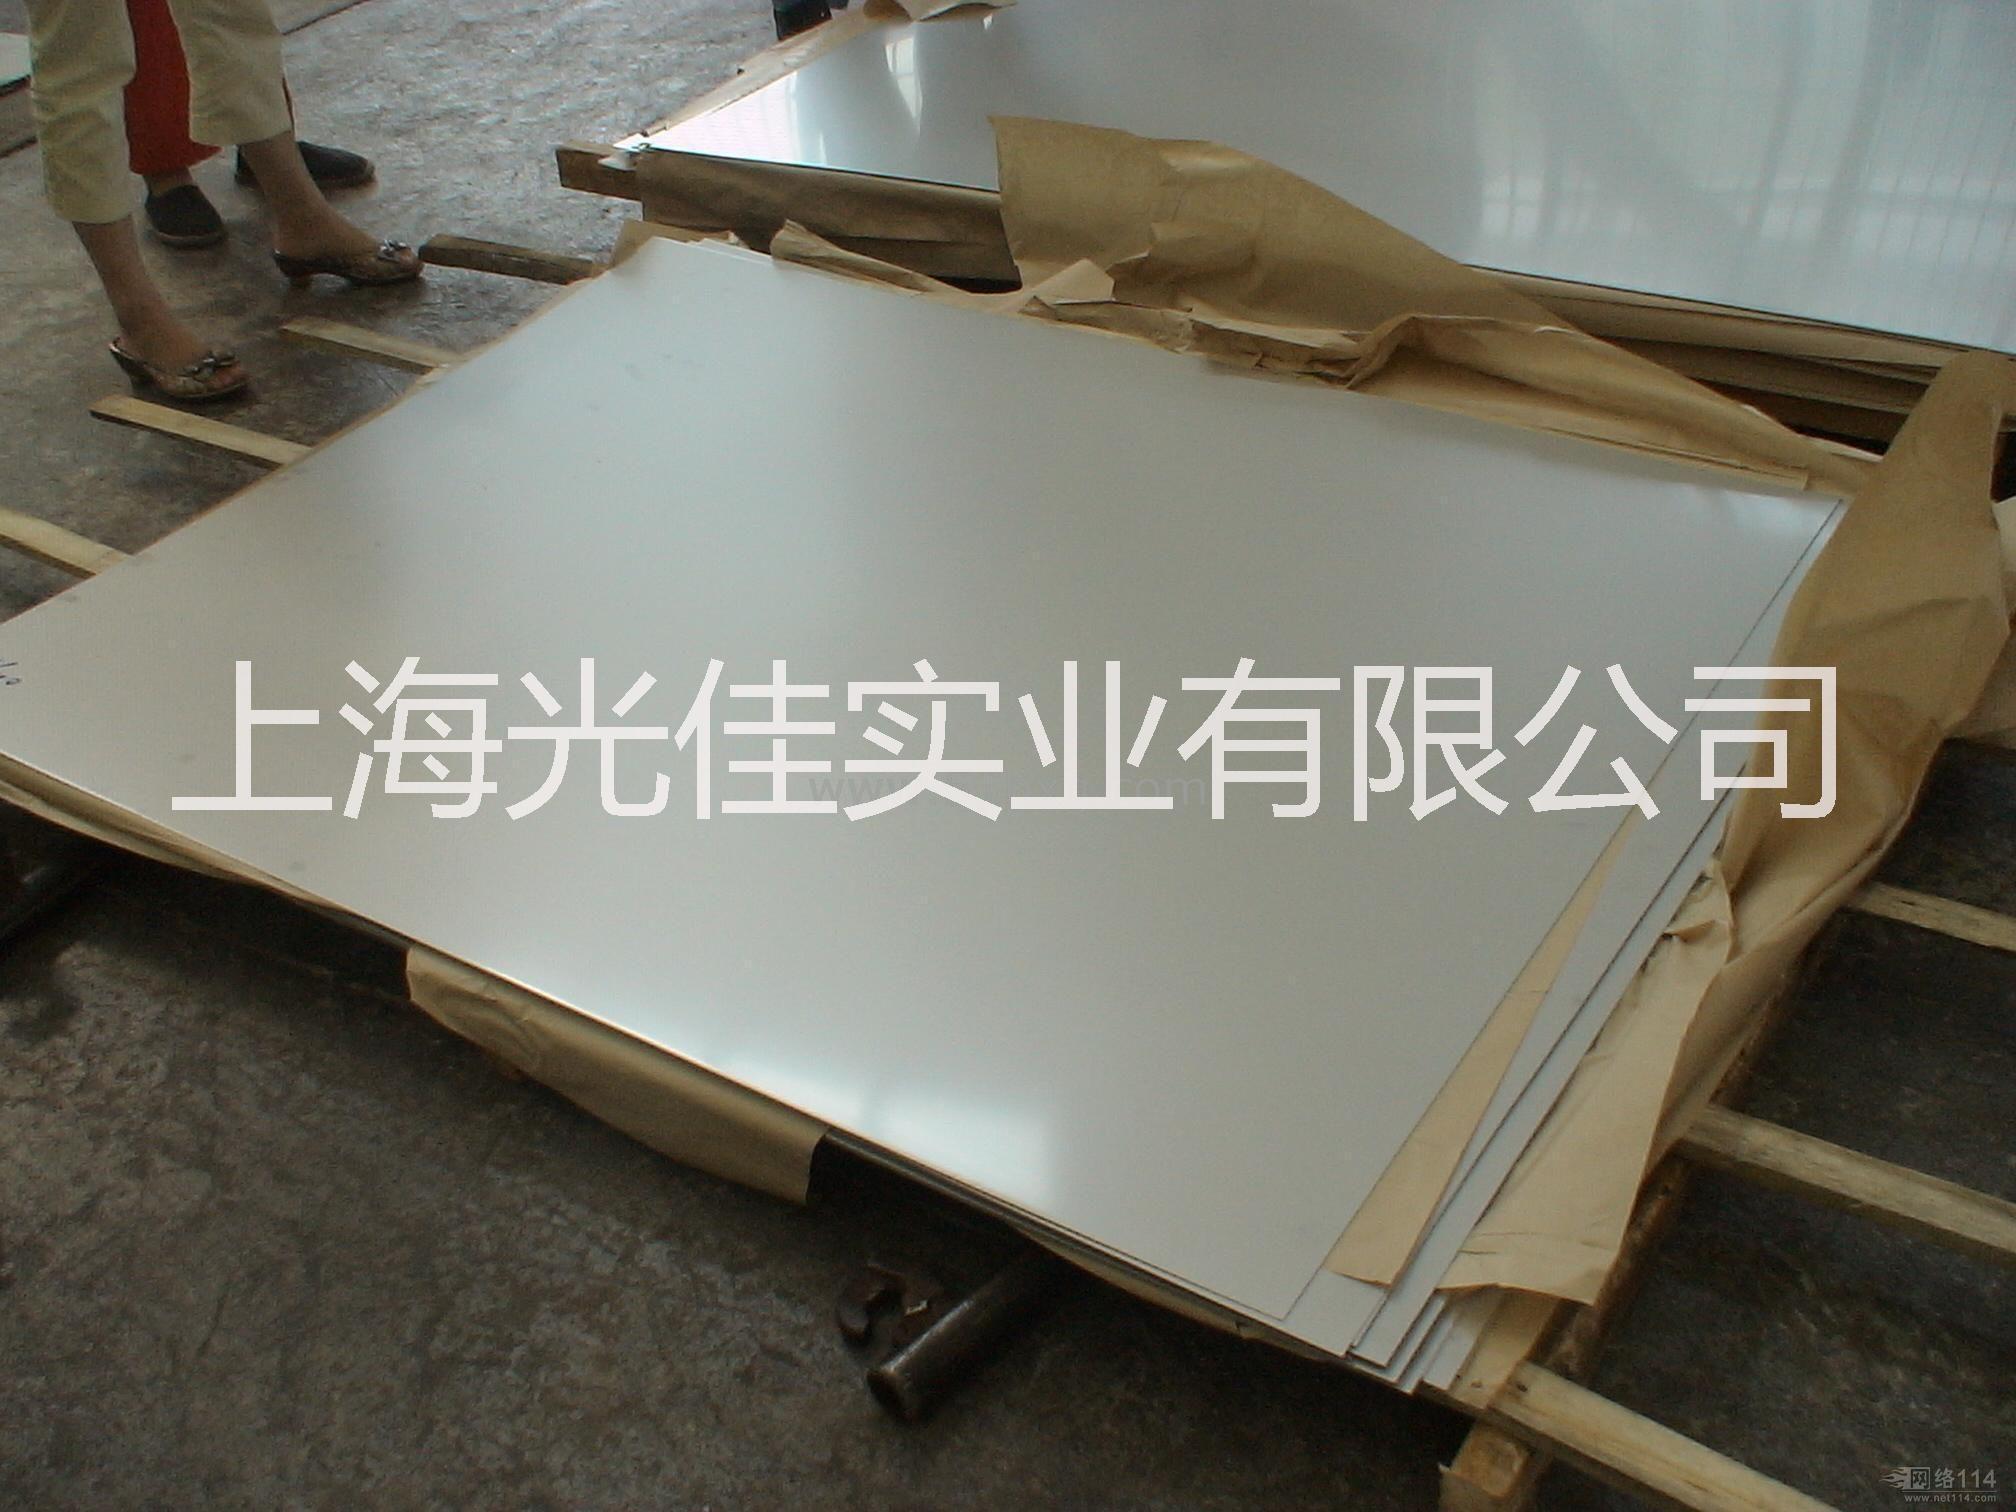 160克环保镀锌卷/120环保镀锌卷厂家/120克环保镀锌卷价格